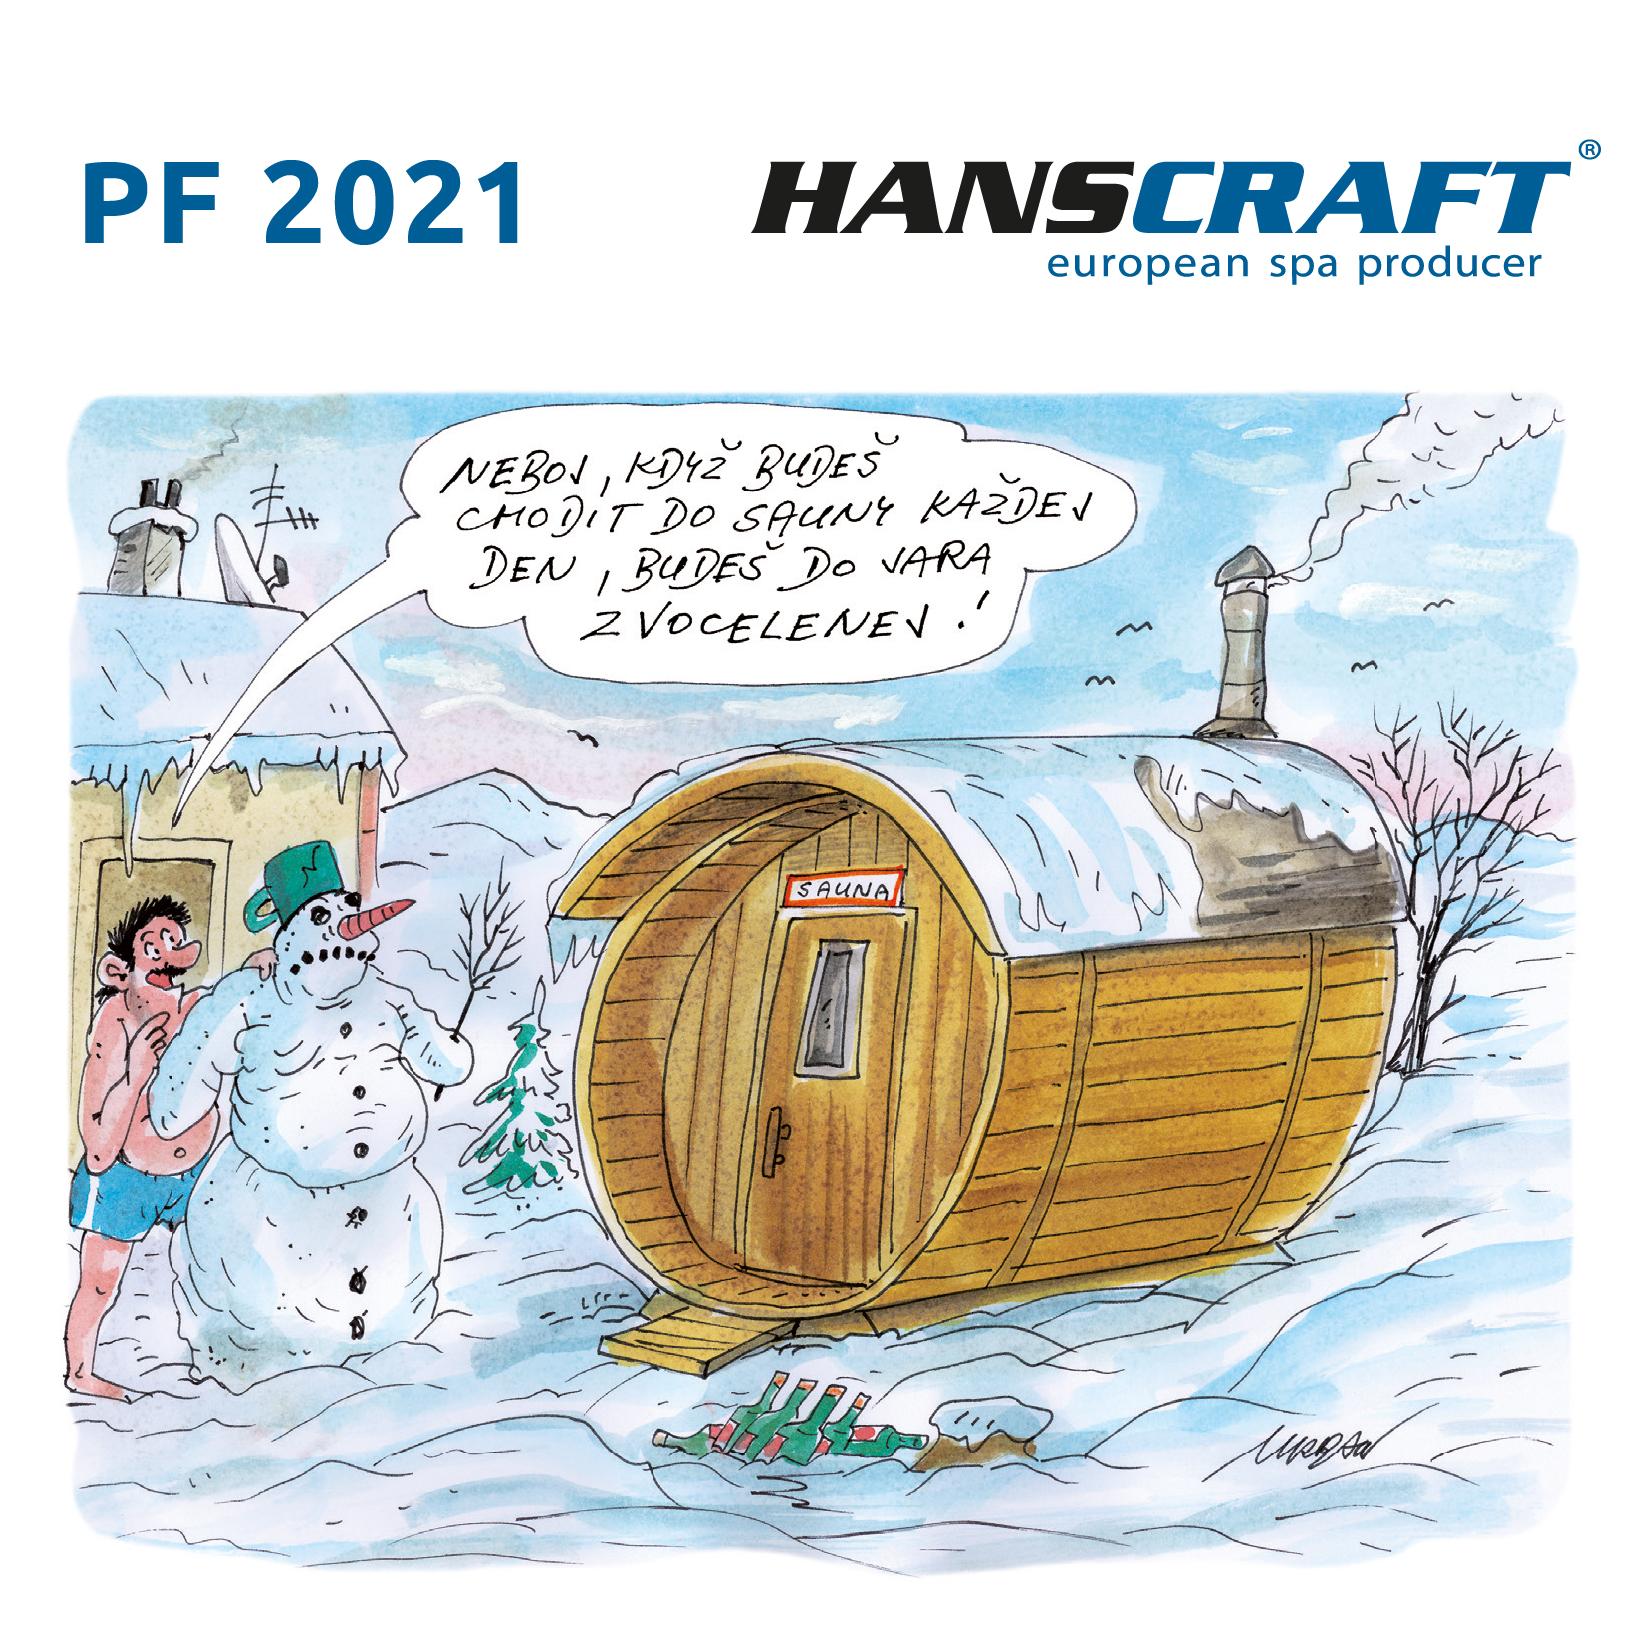 pf2021 hanscraft urban